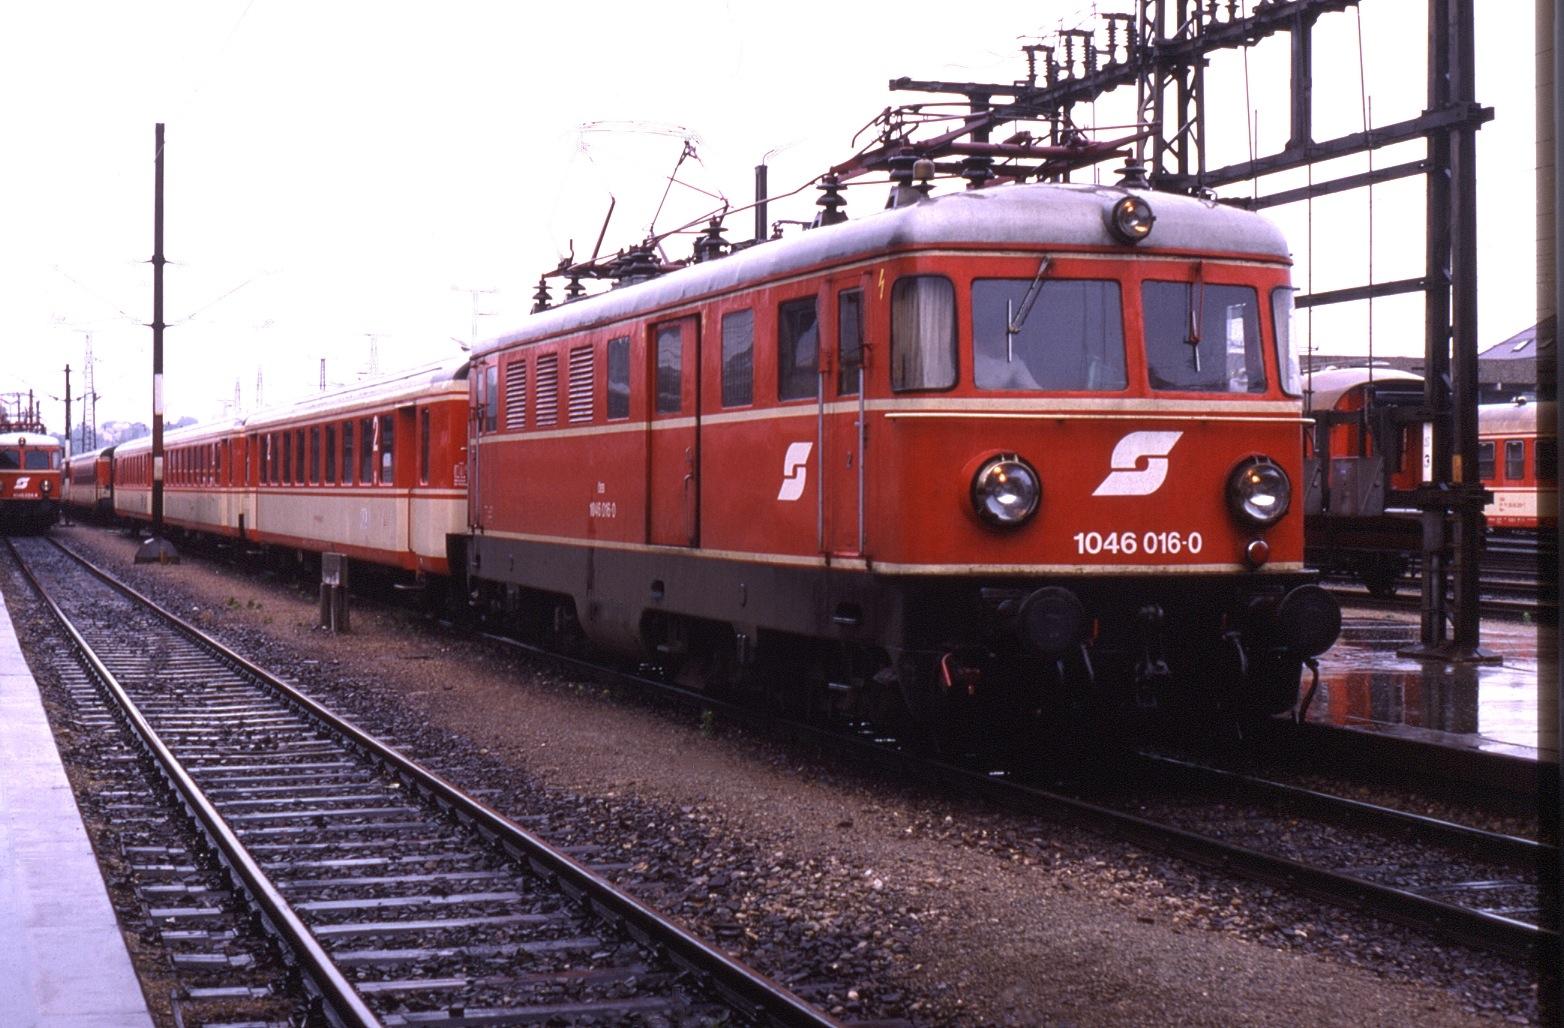 File:St Pölten Hbf 1046-016 1988-08-04.jpg